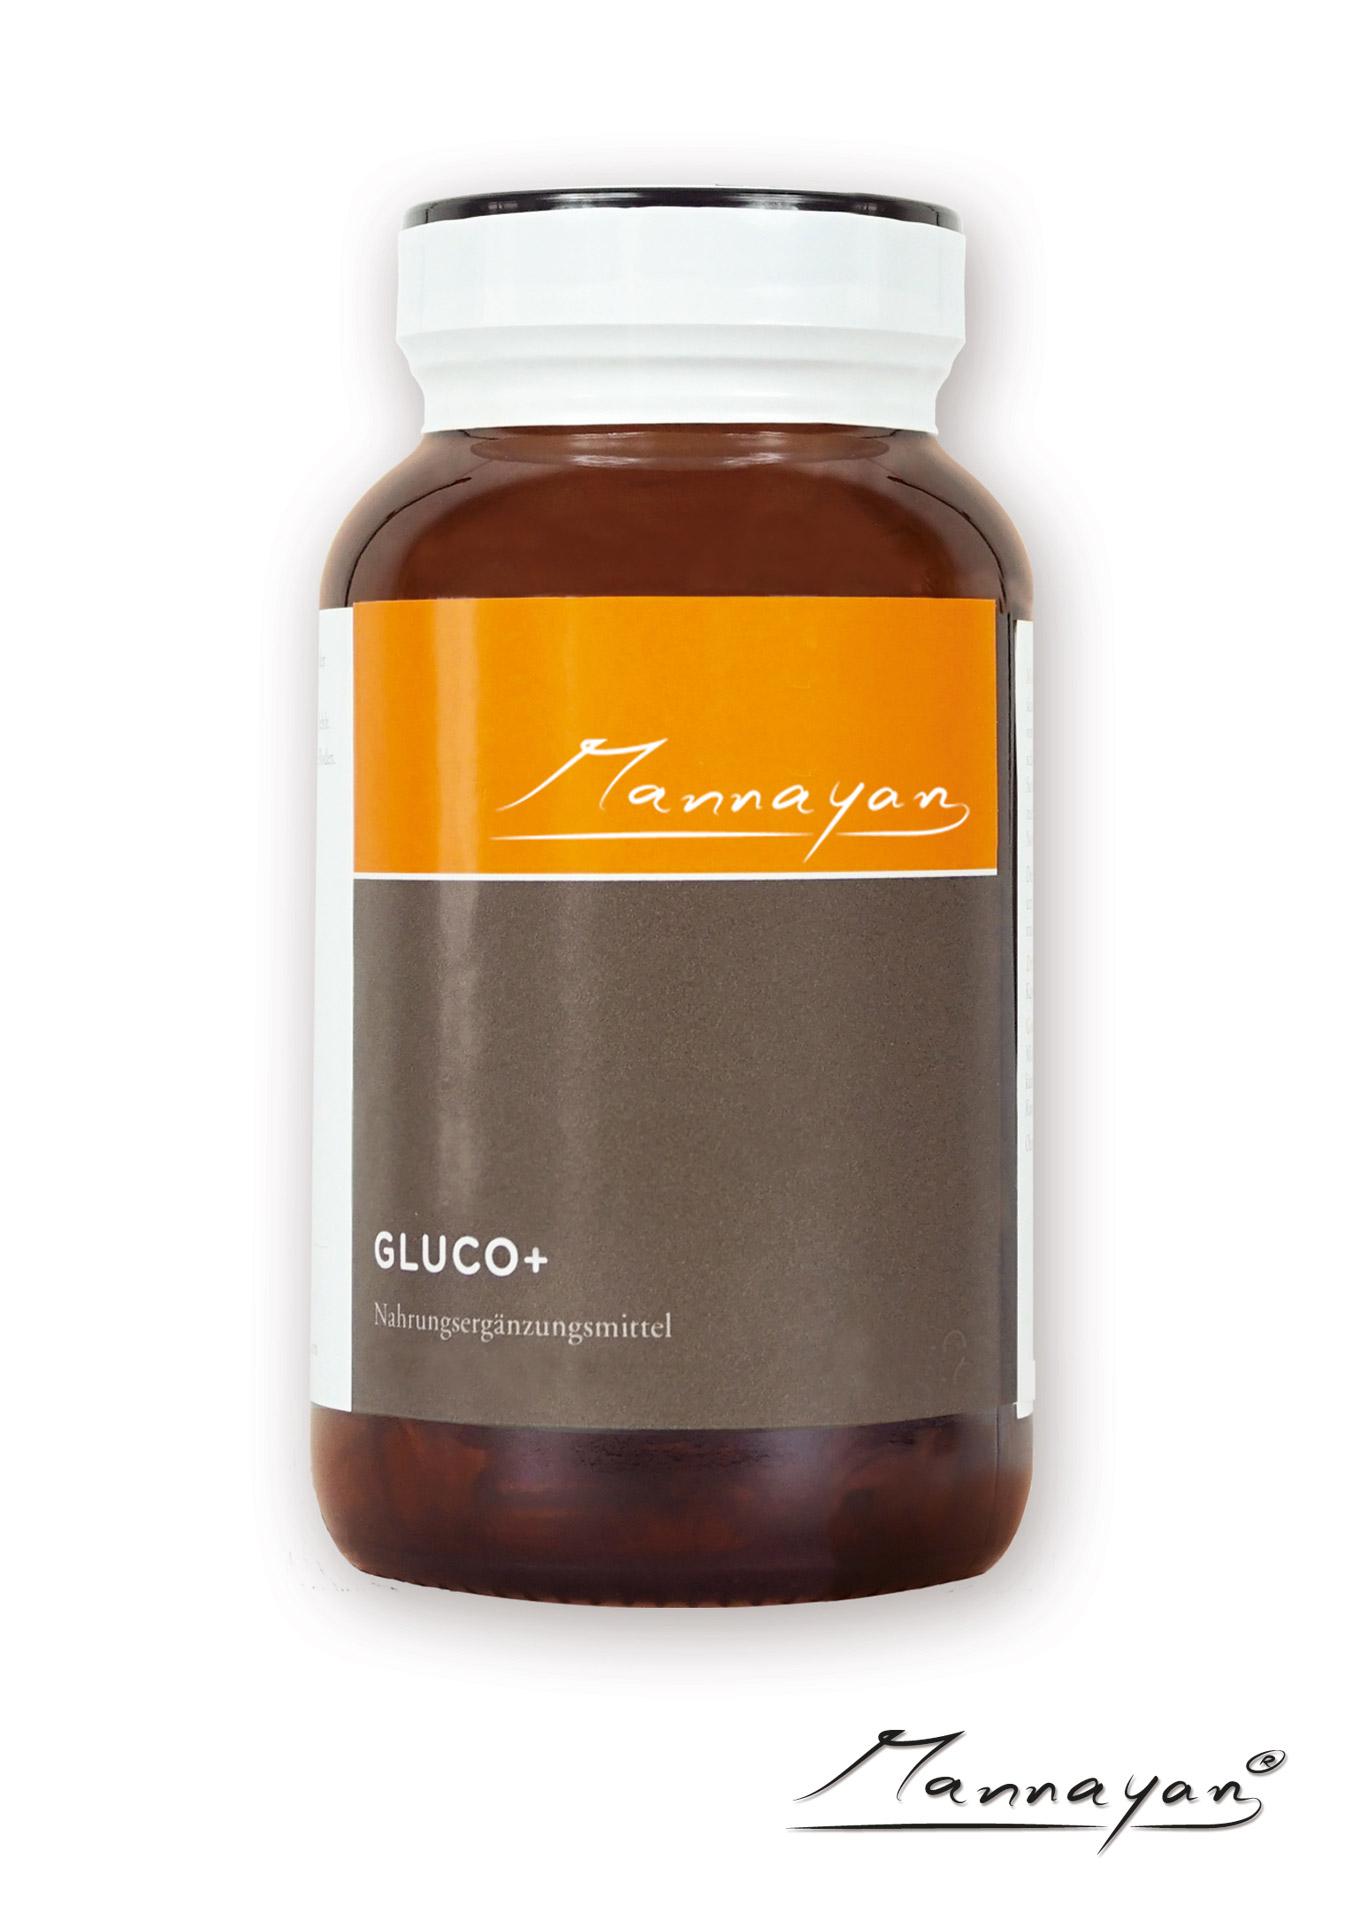 Gluco+ von Mannayan